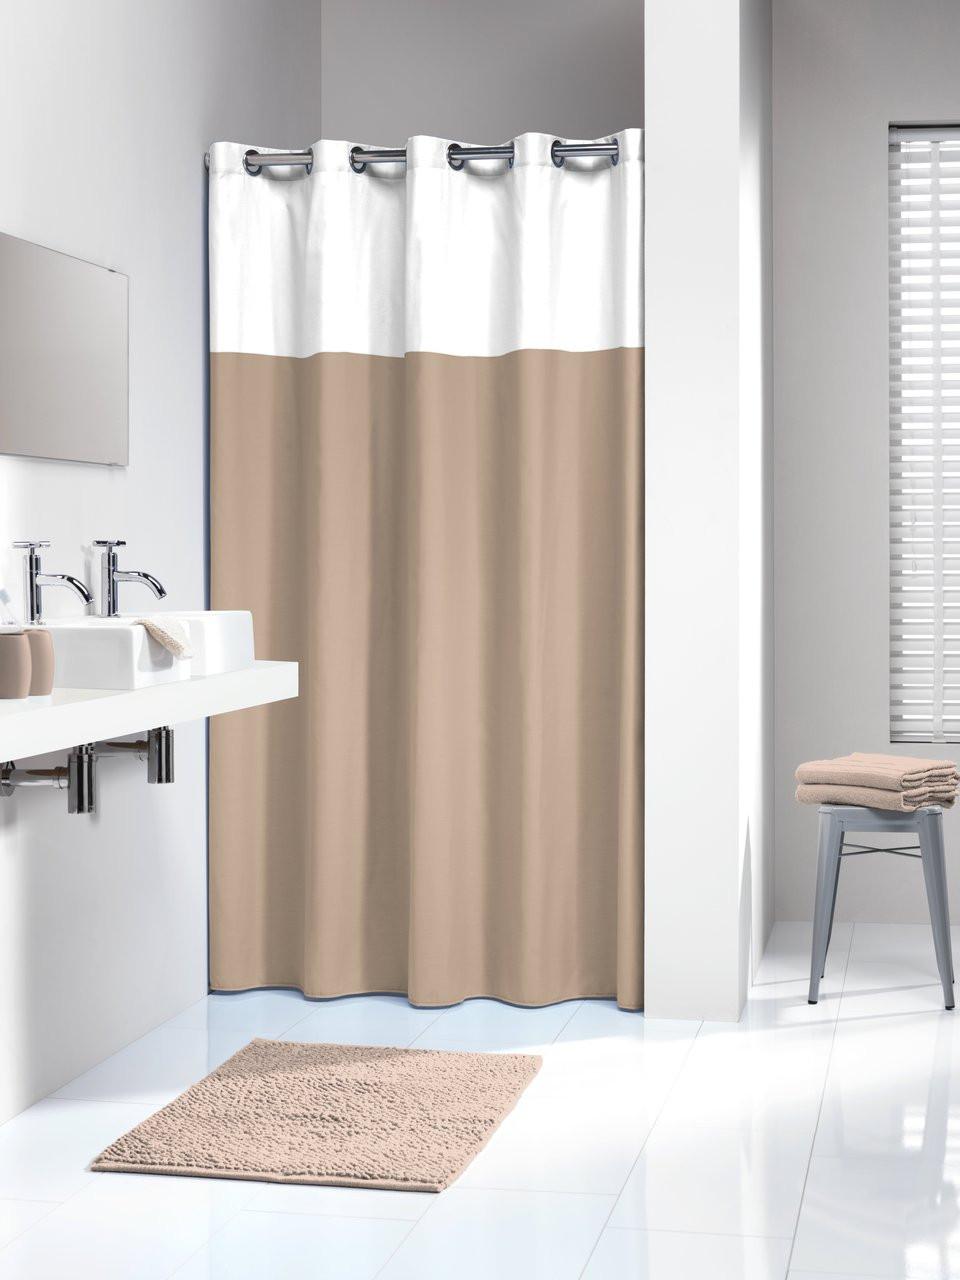 Shower Curtain Sealskin Doppio Taupe